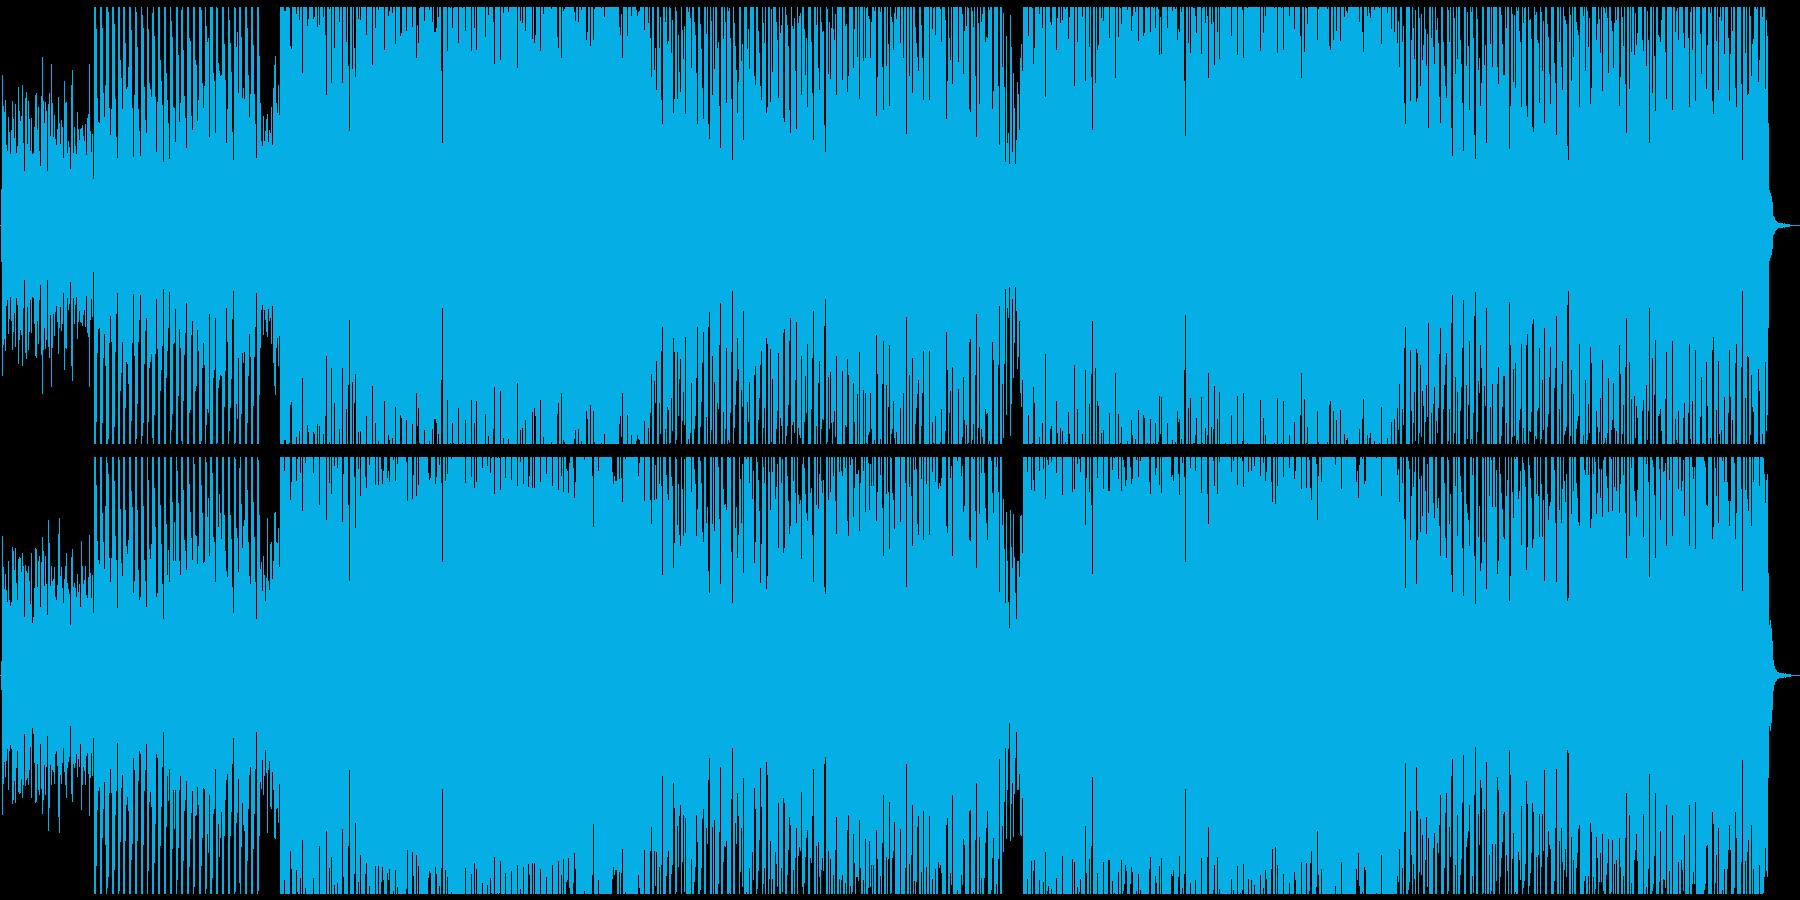 キャッチーなトロピカル風サマーポップスの再生済みの波形